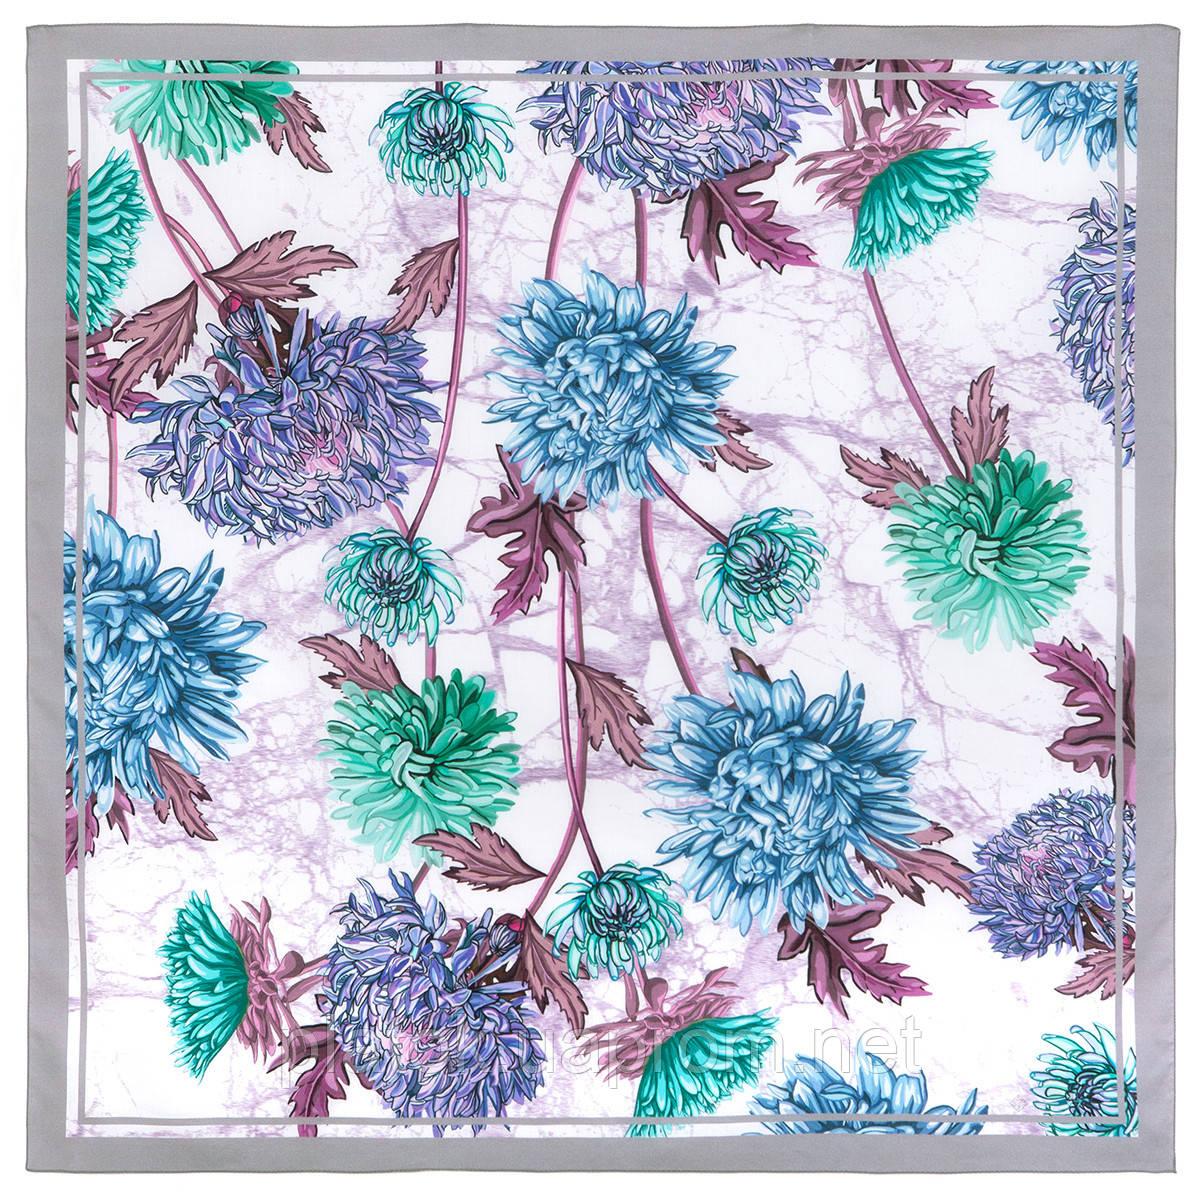 10603-2, павлопосадский платок хлопковый (батистовый) с швом зиг-заг